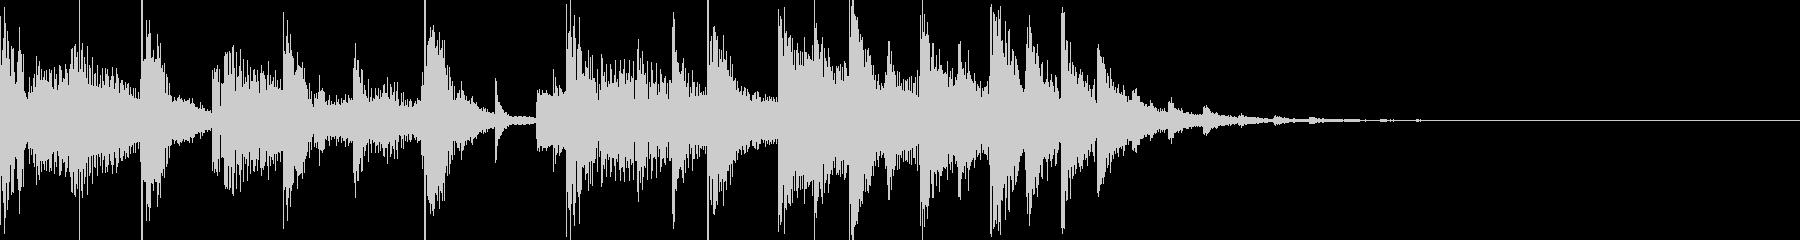 フューチャーファンクなジングルの未再生の波形